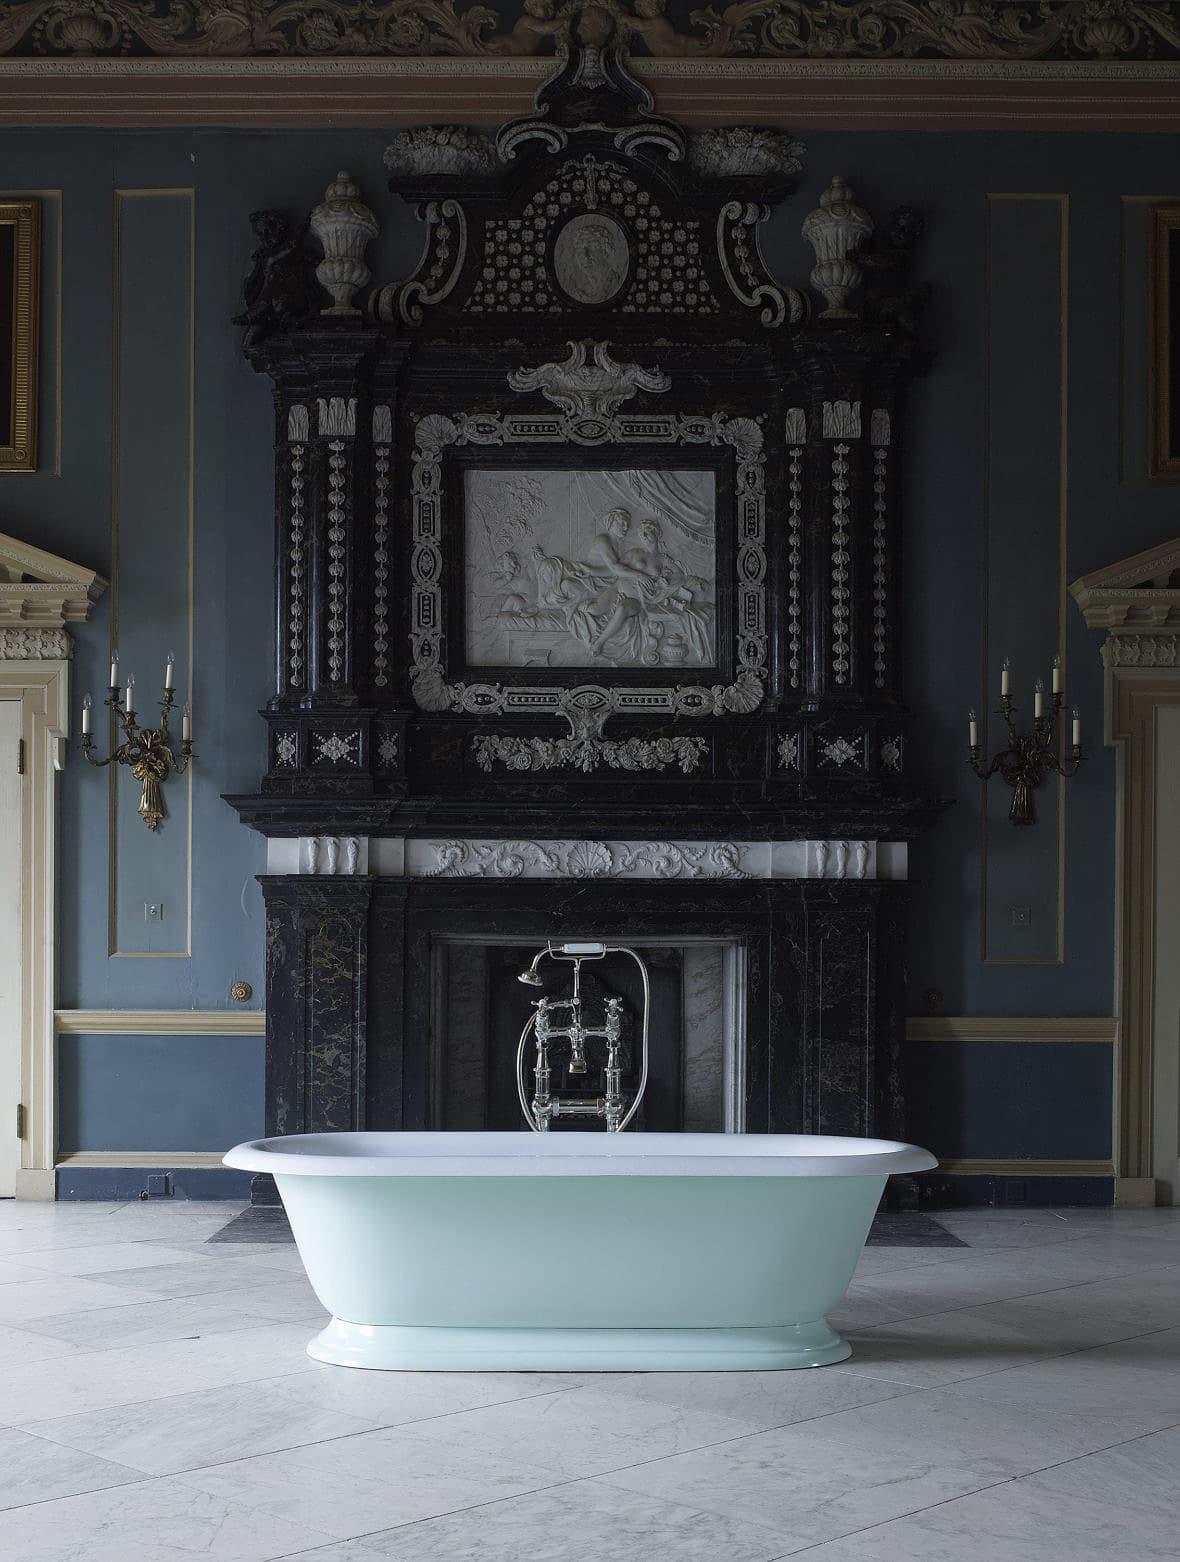 10-Tay-Bath-DAD1003-HR-1180x1562.jpg